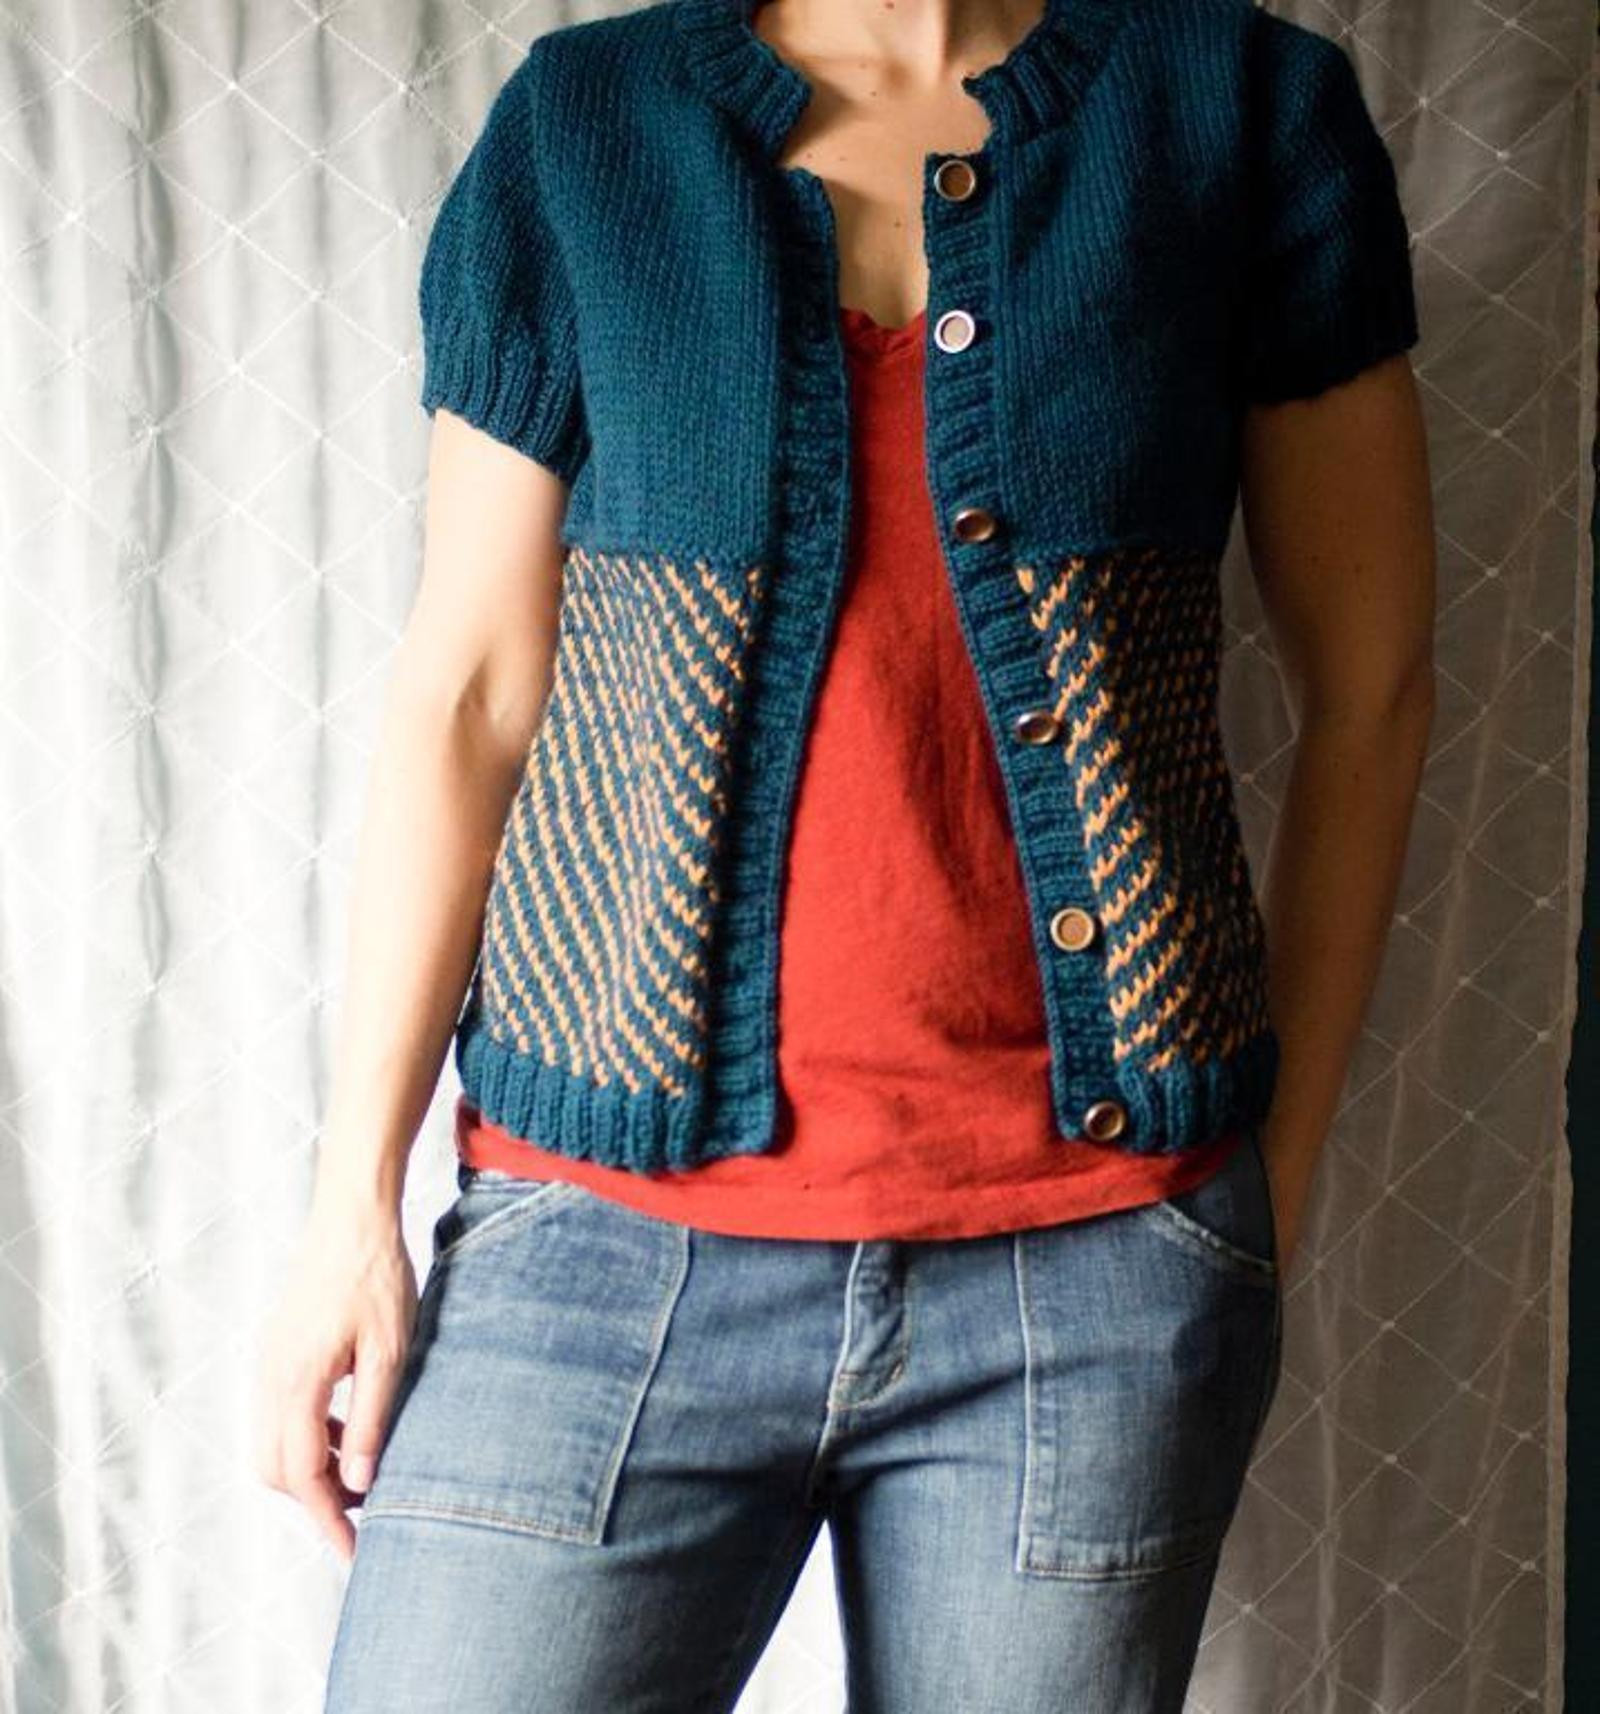 Vintage Cotton Cardigan Knitting Pattern